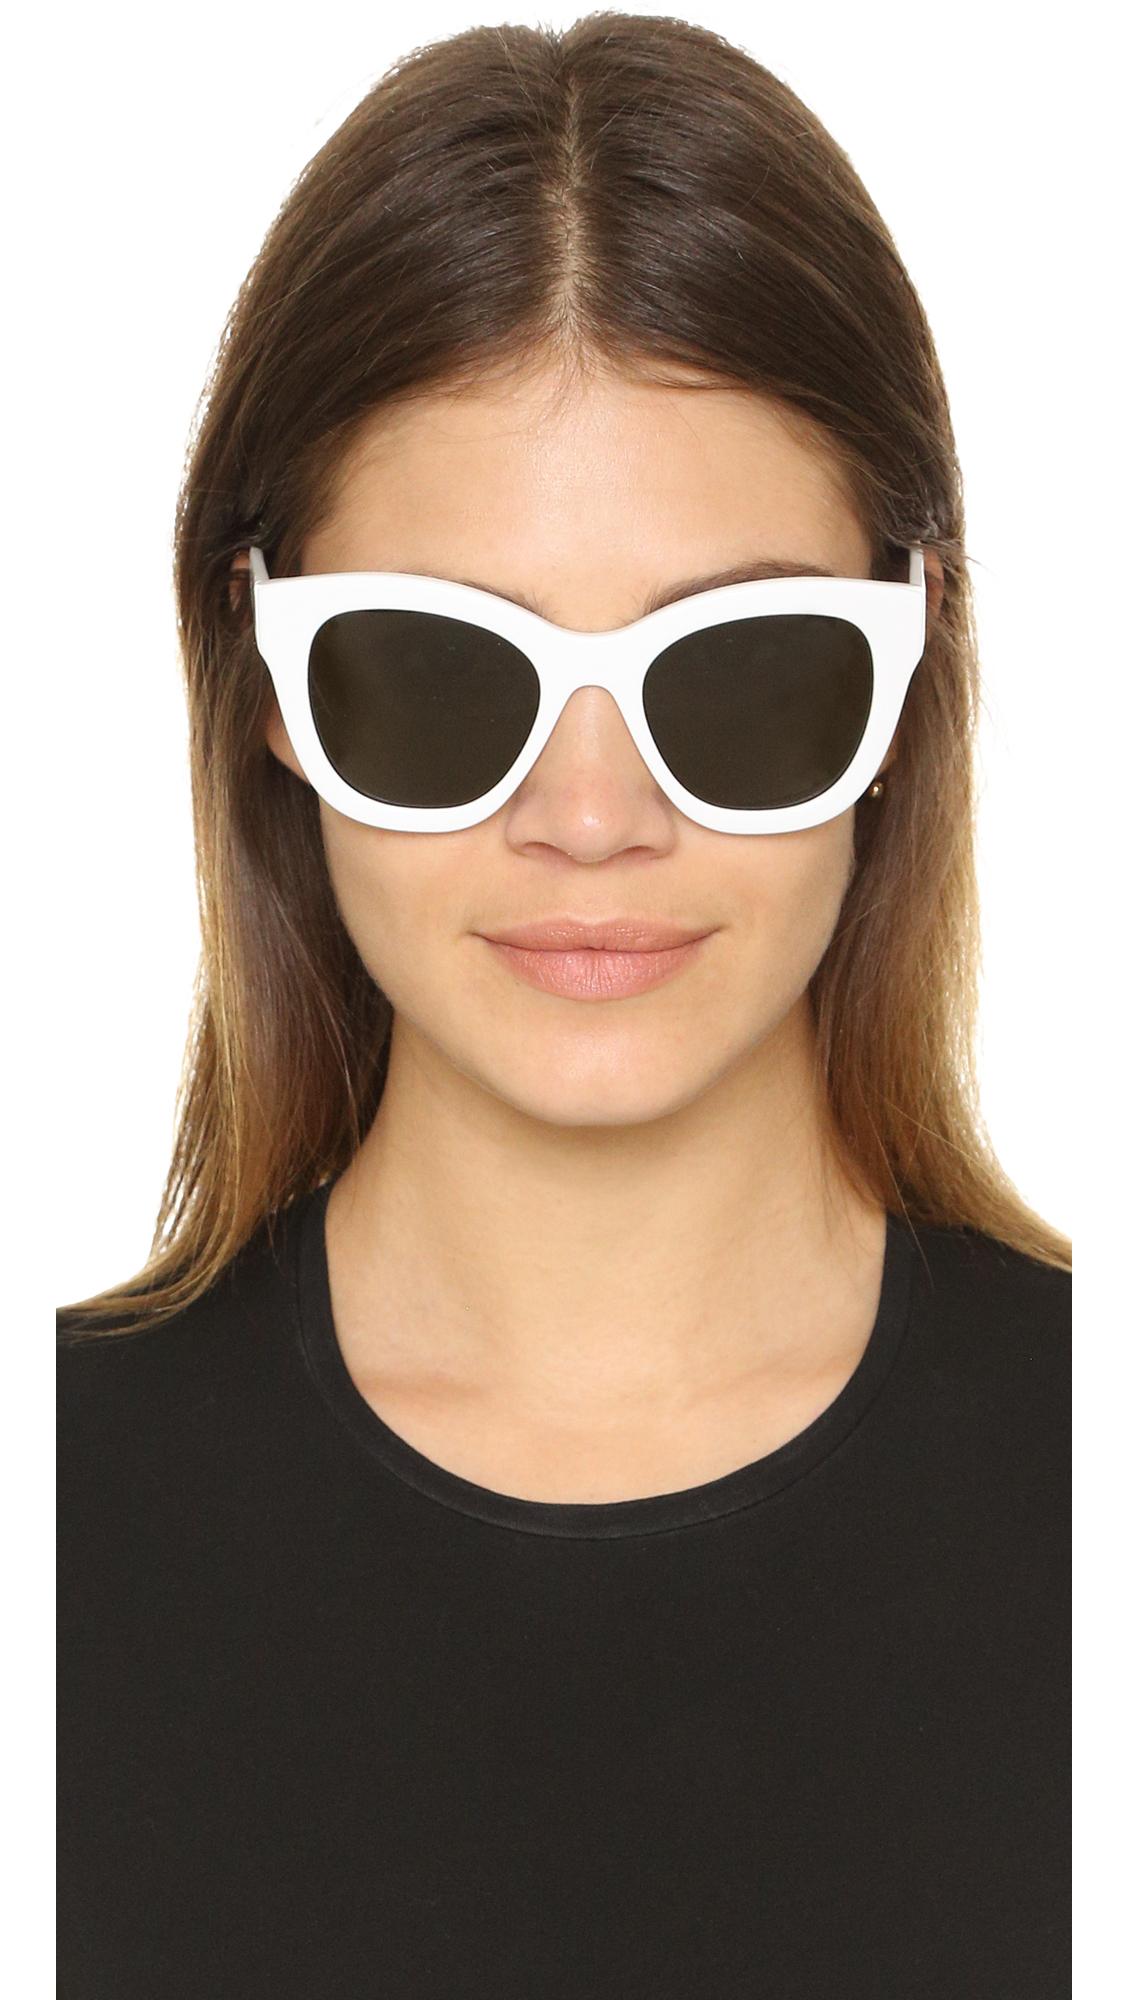 4a1a7f69ab Lyst elizabeth and james bryant sunglasses in green jpg 1128x2000 Elizabeth  james eyewear